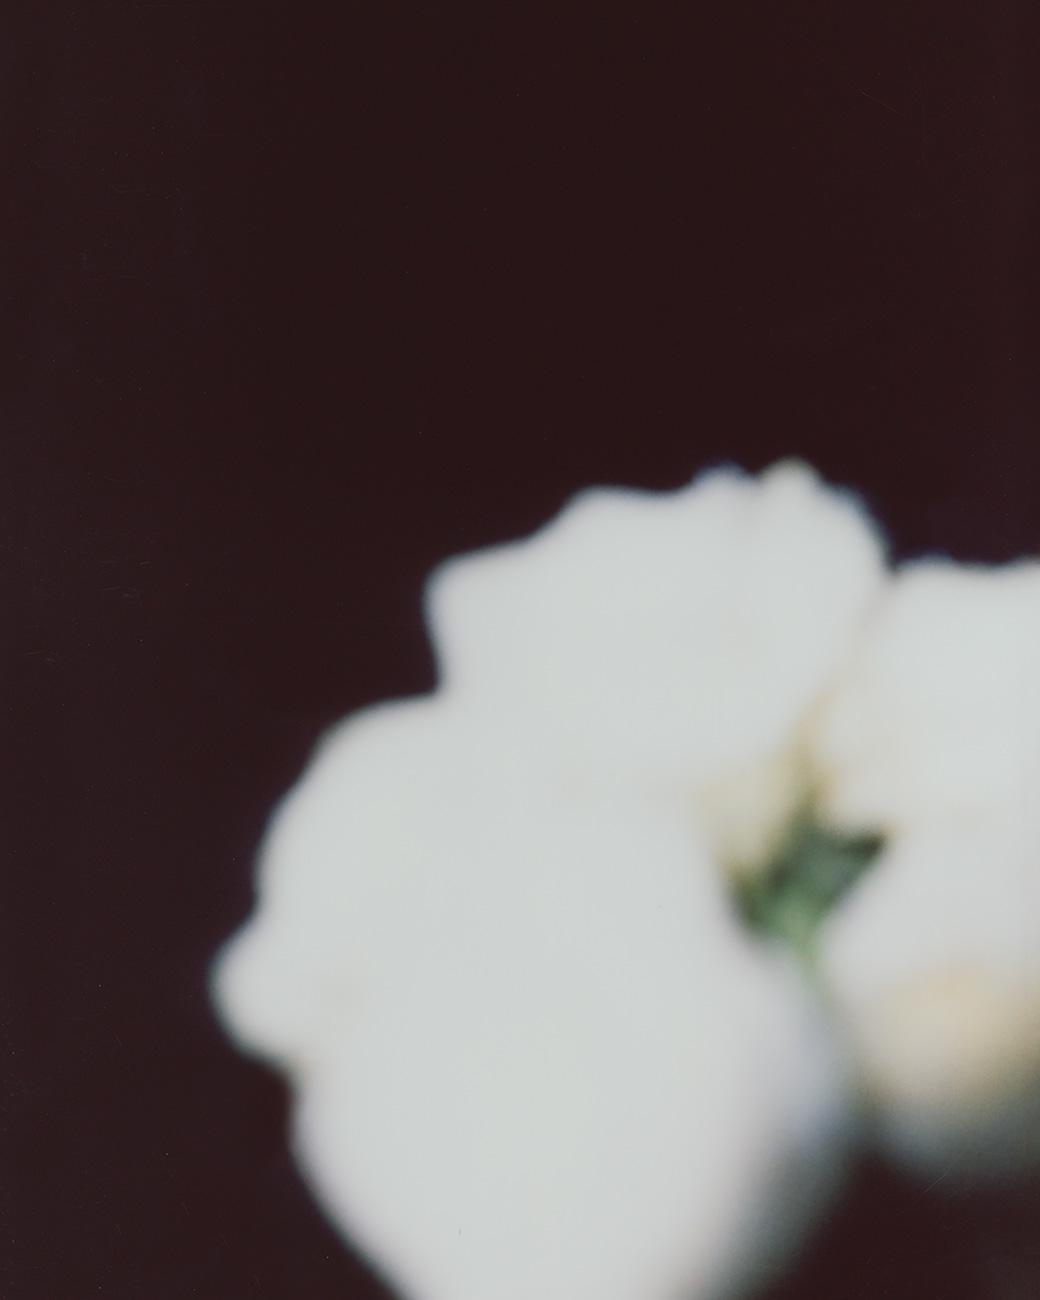 Kristina-Loewen_Flower.jpg